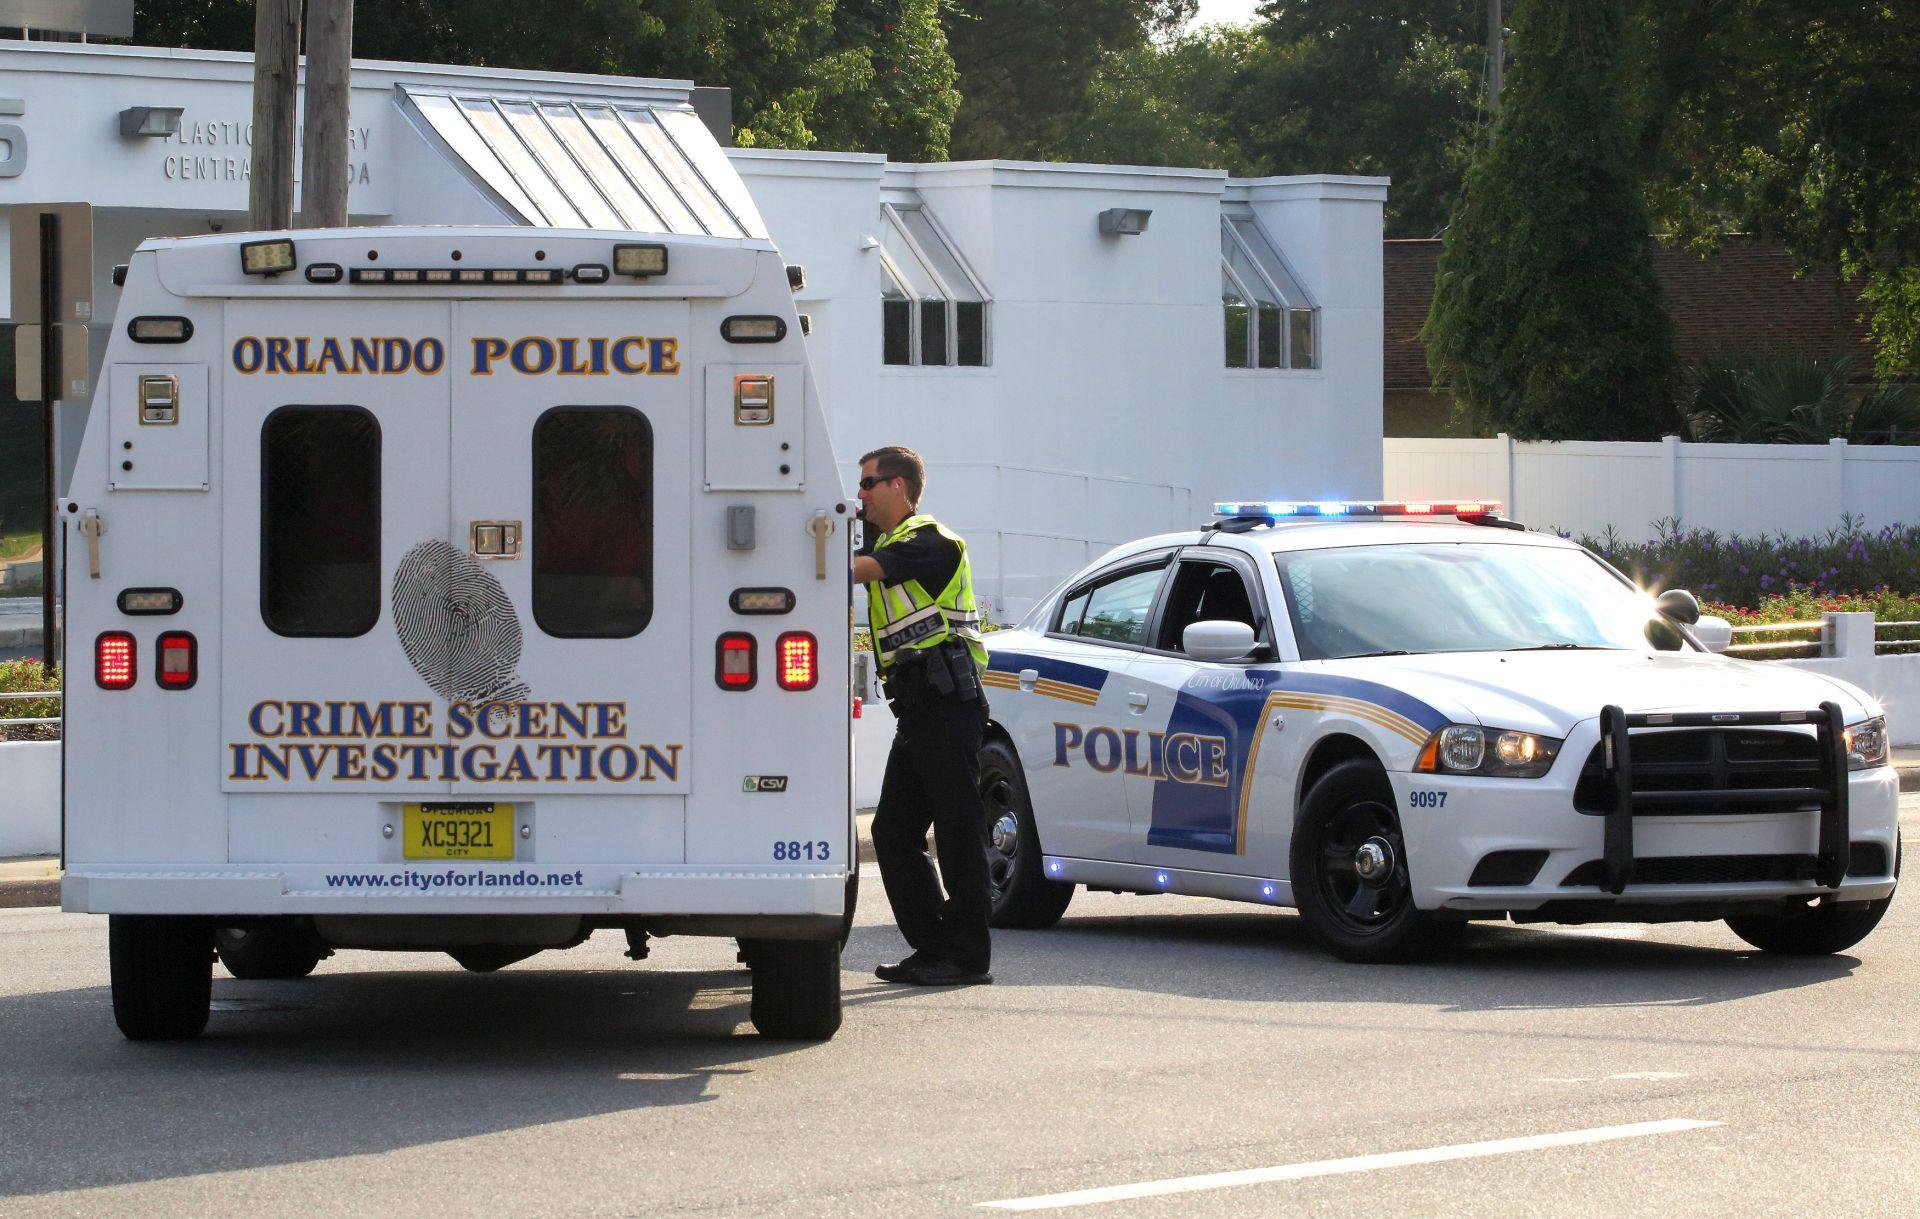 Doživotni zatvor za napadača u zračnoj luci na Floridi